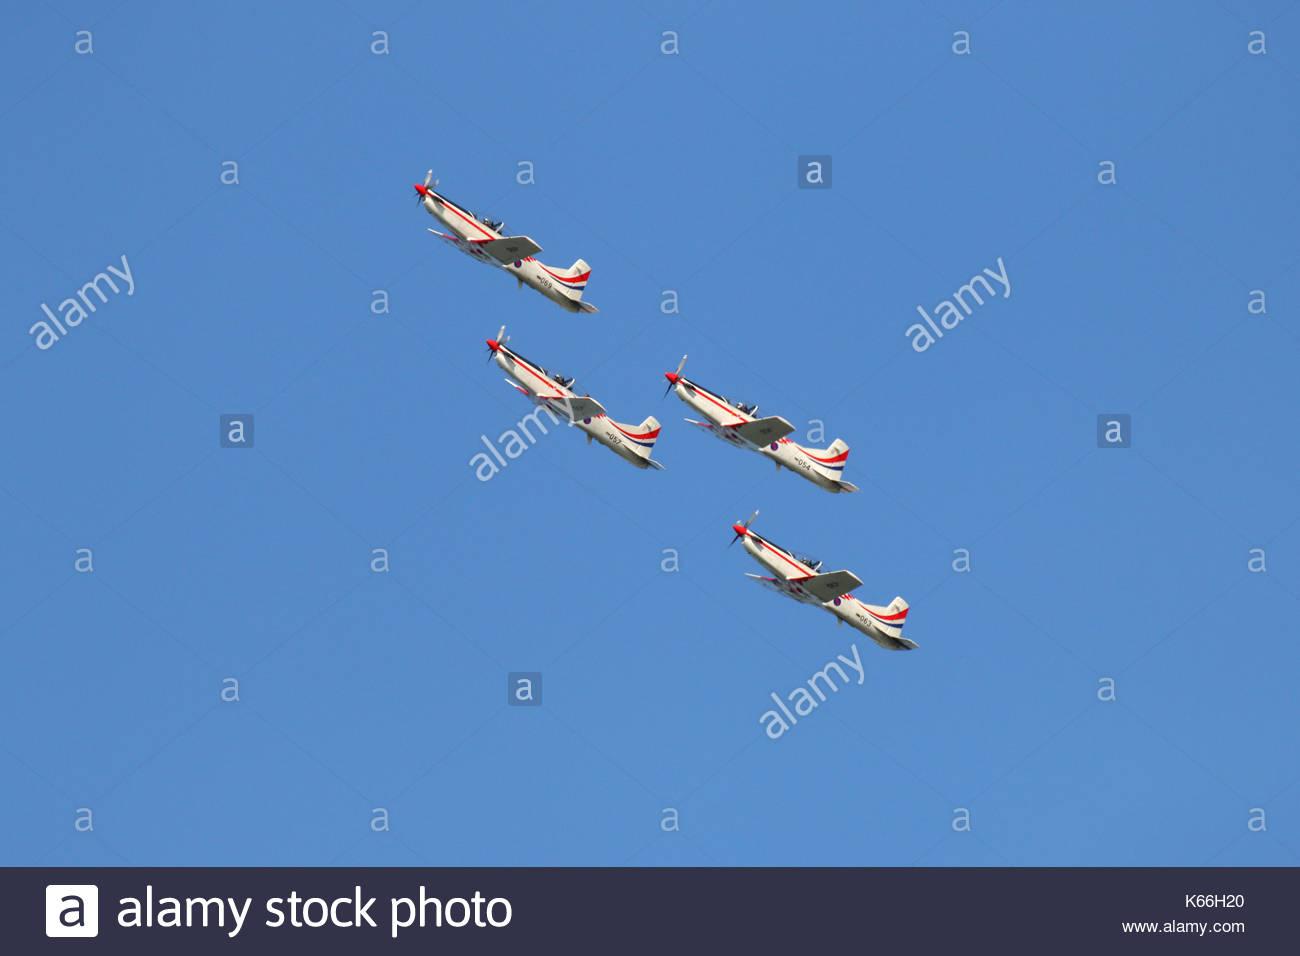 Wings of Storm - aerobatic team - air show Sisak Croatia - Stock Image